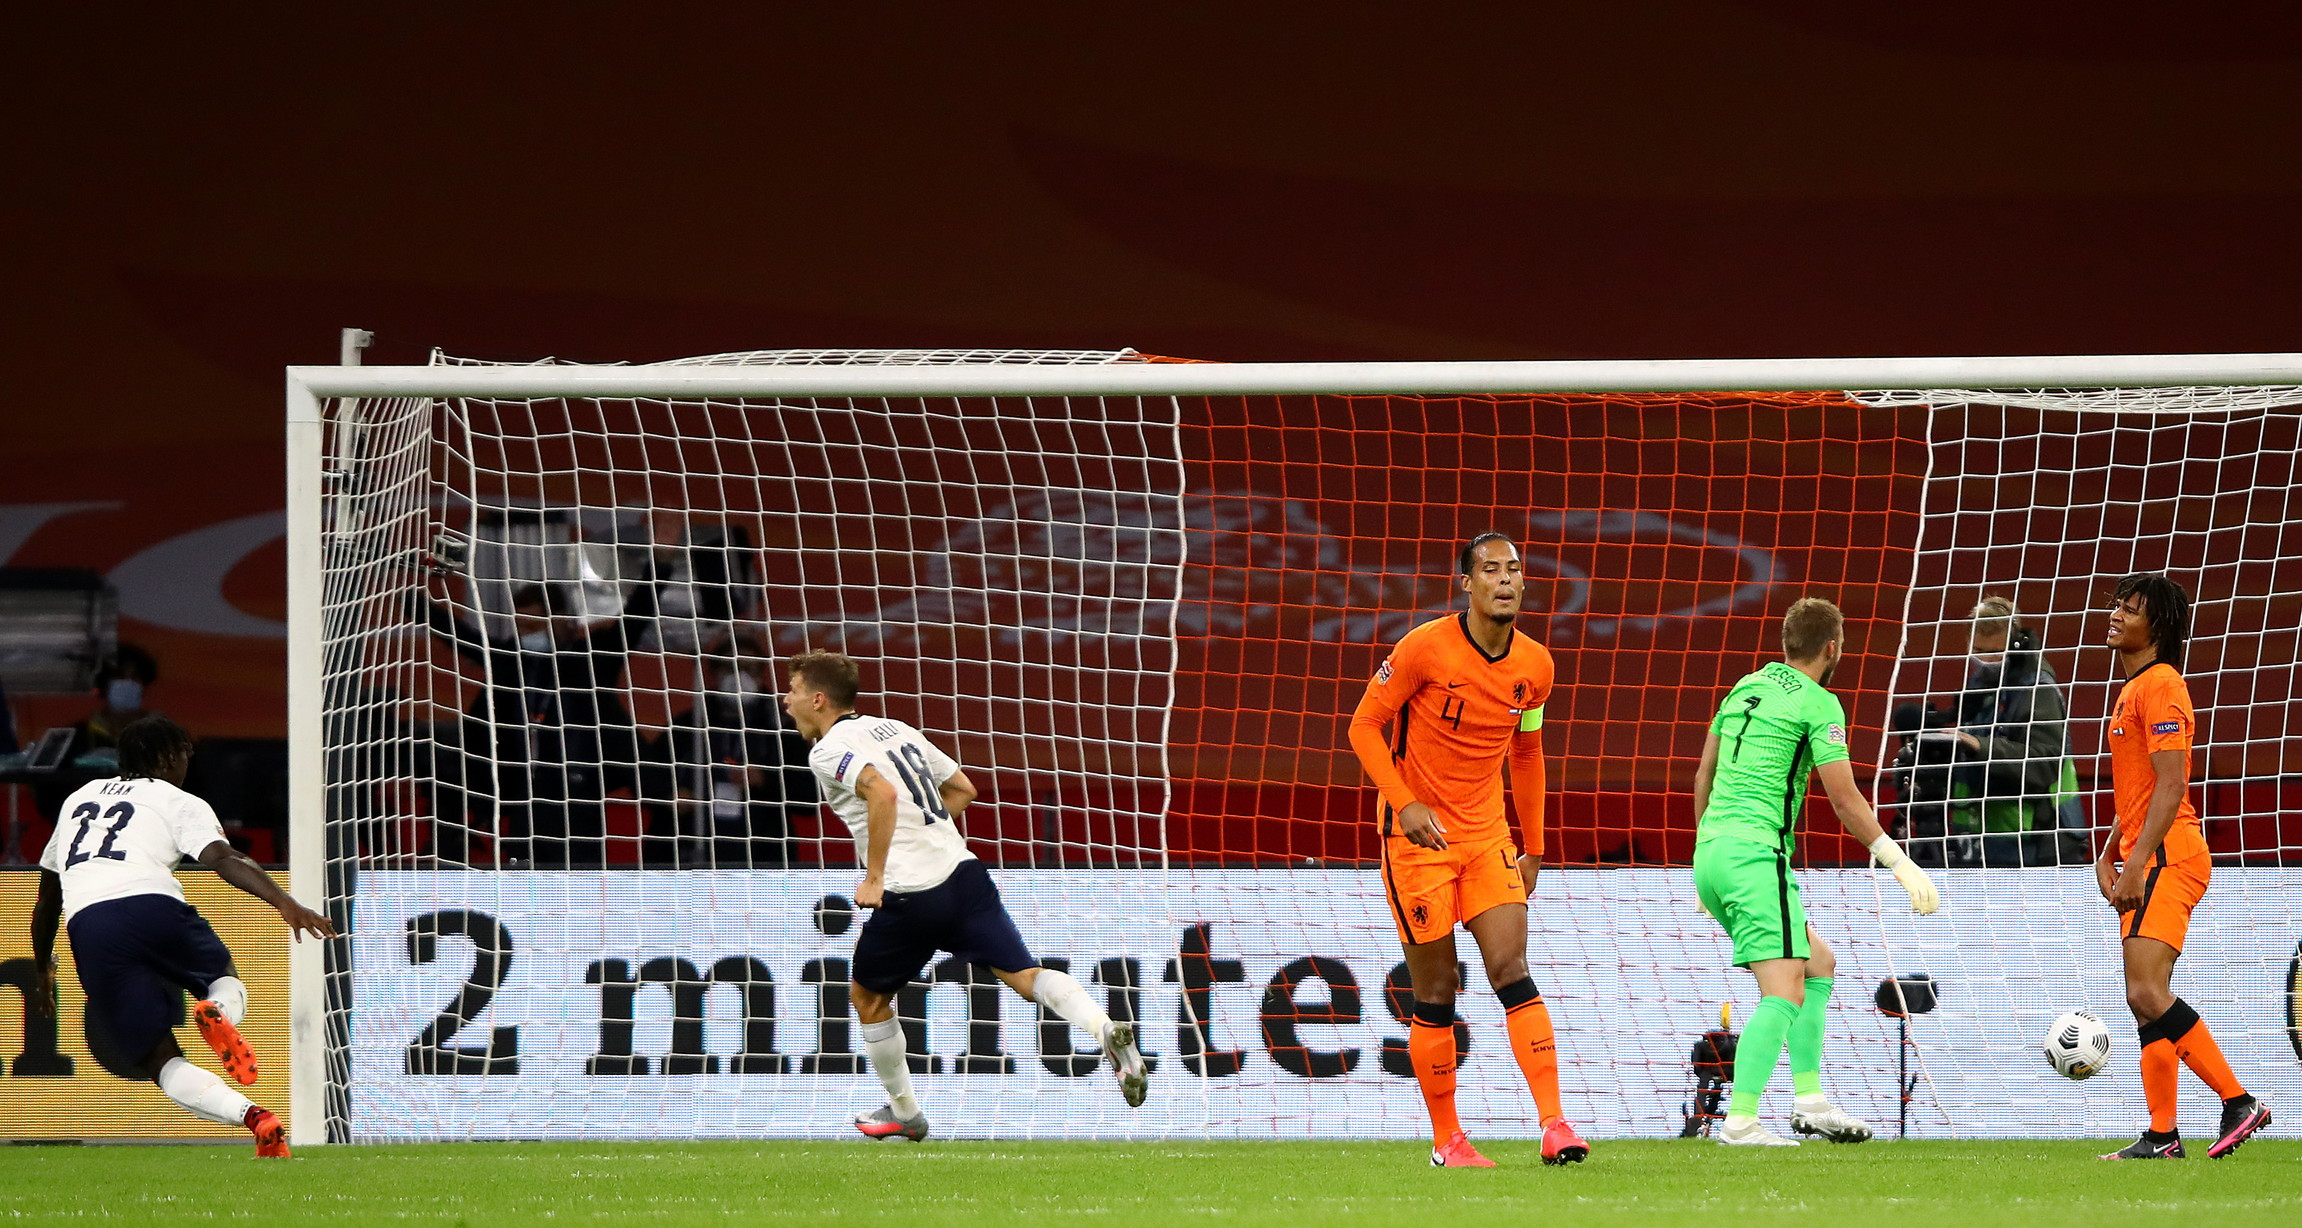 Le migliori immagini di Olanda-Italia 0-1<br /><br />